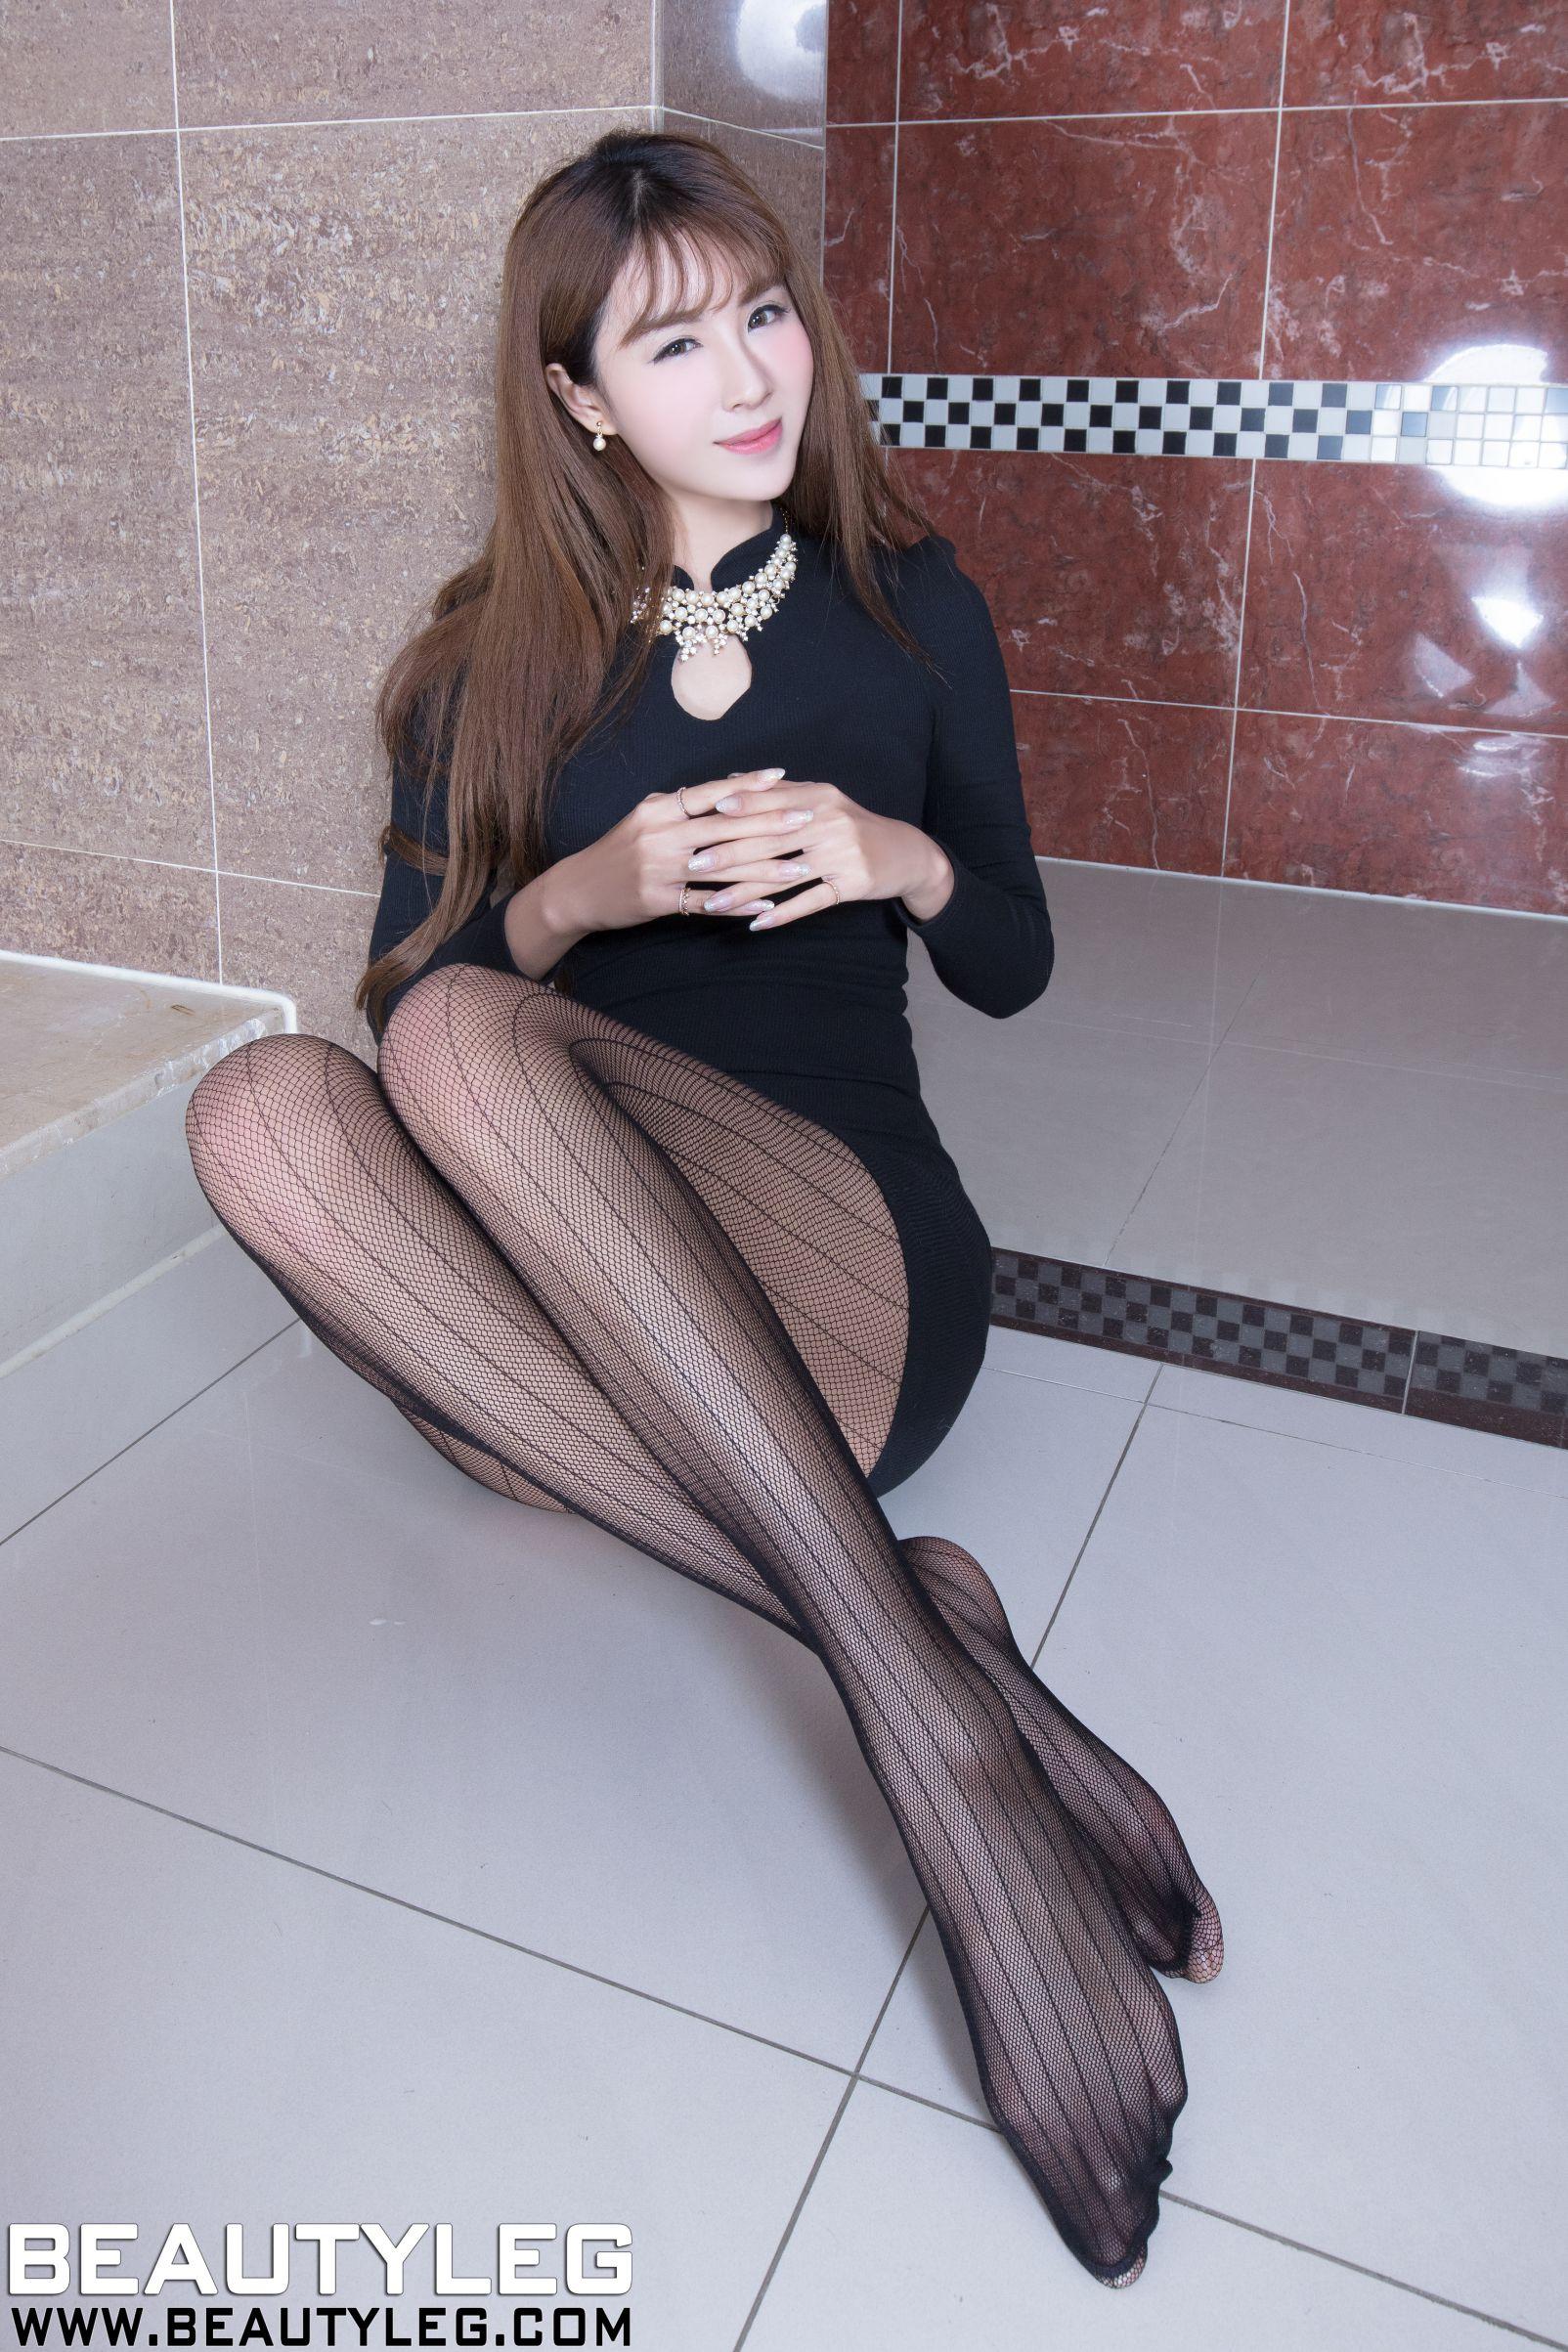 夏晴Miso 制服+旗袍丝袜美腿写真套图